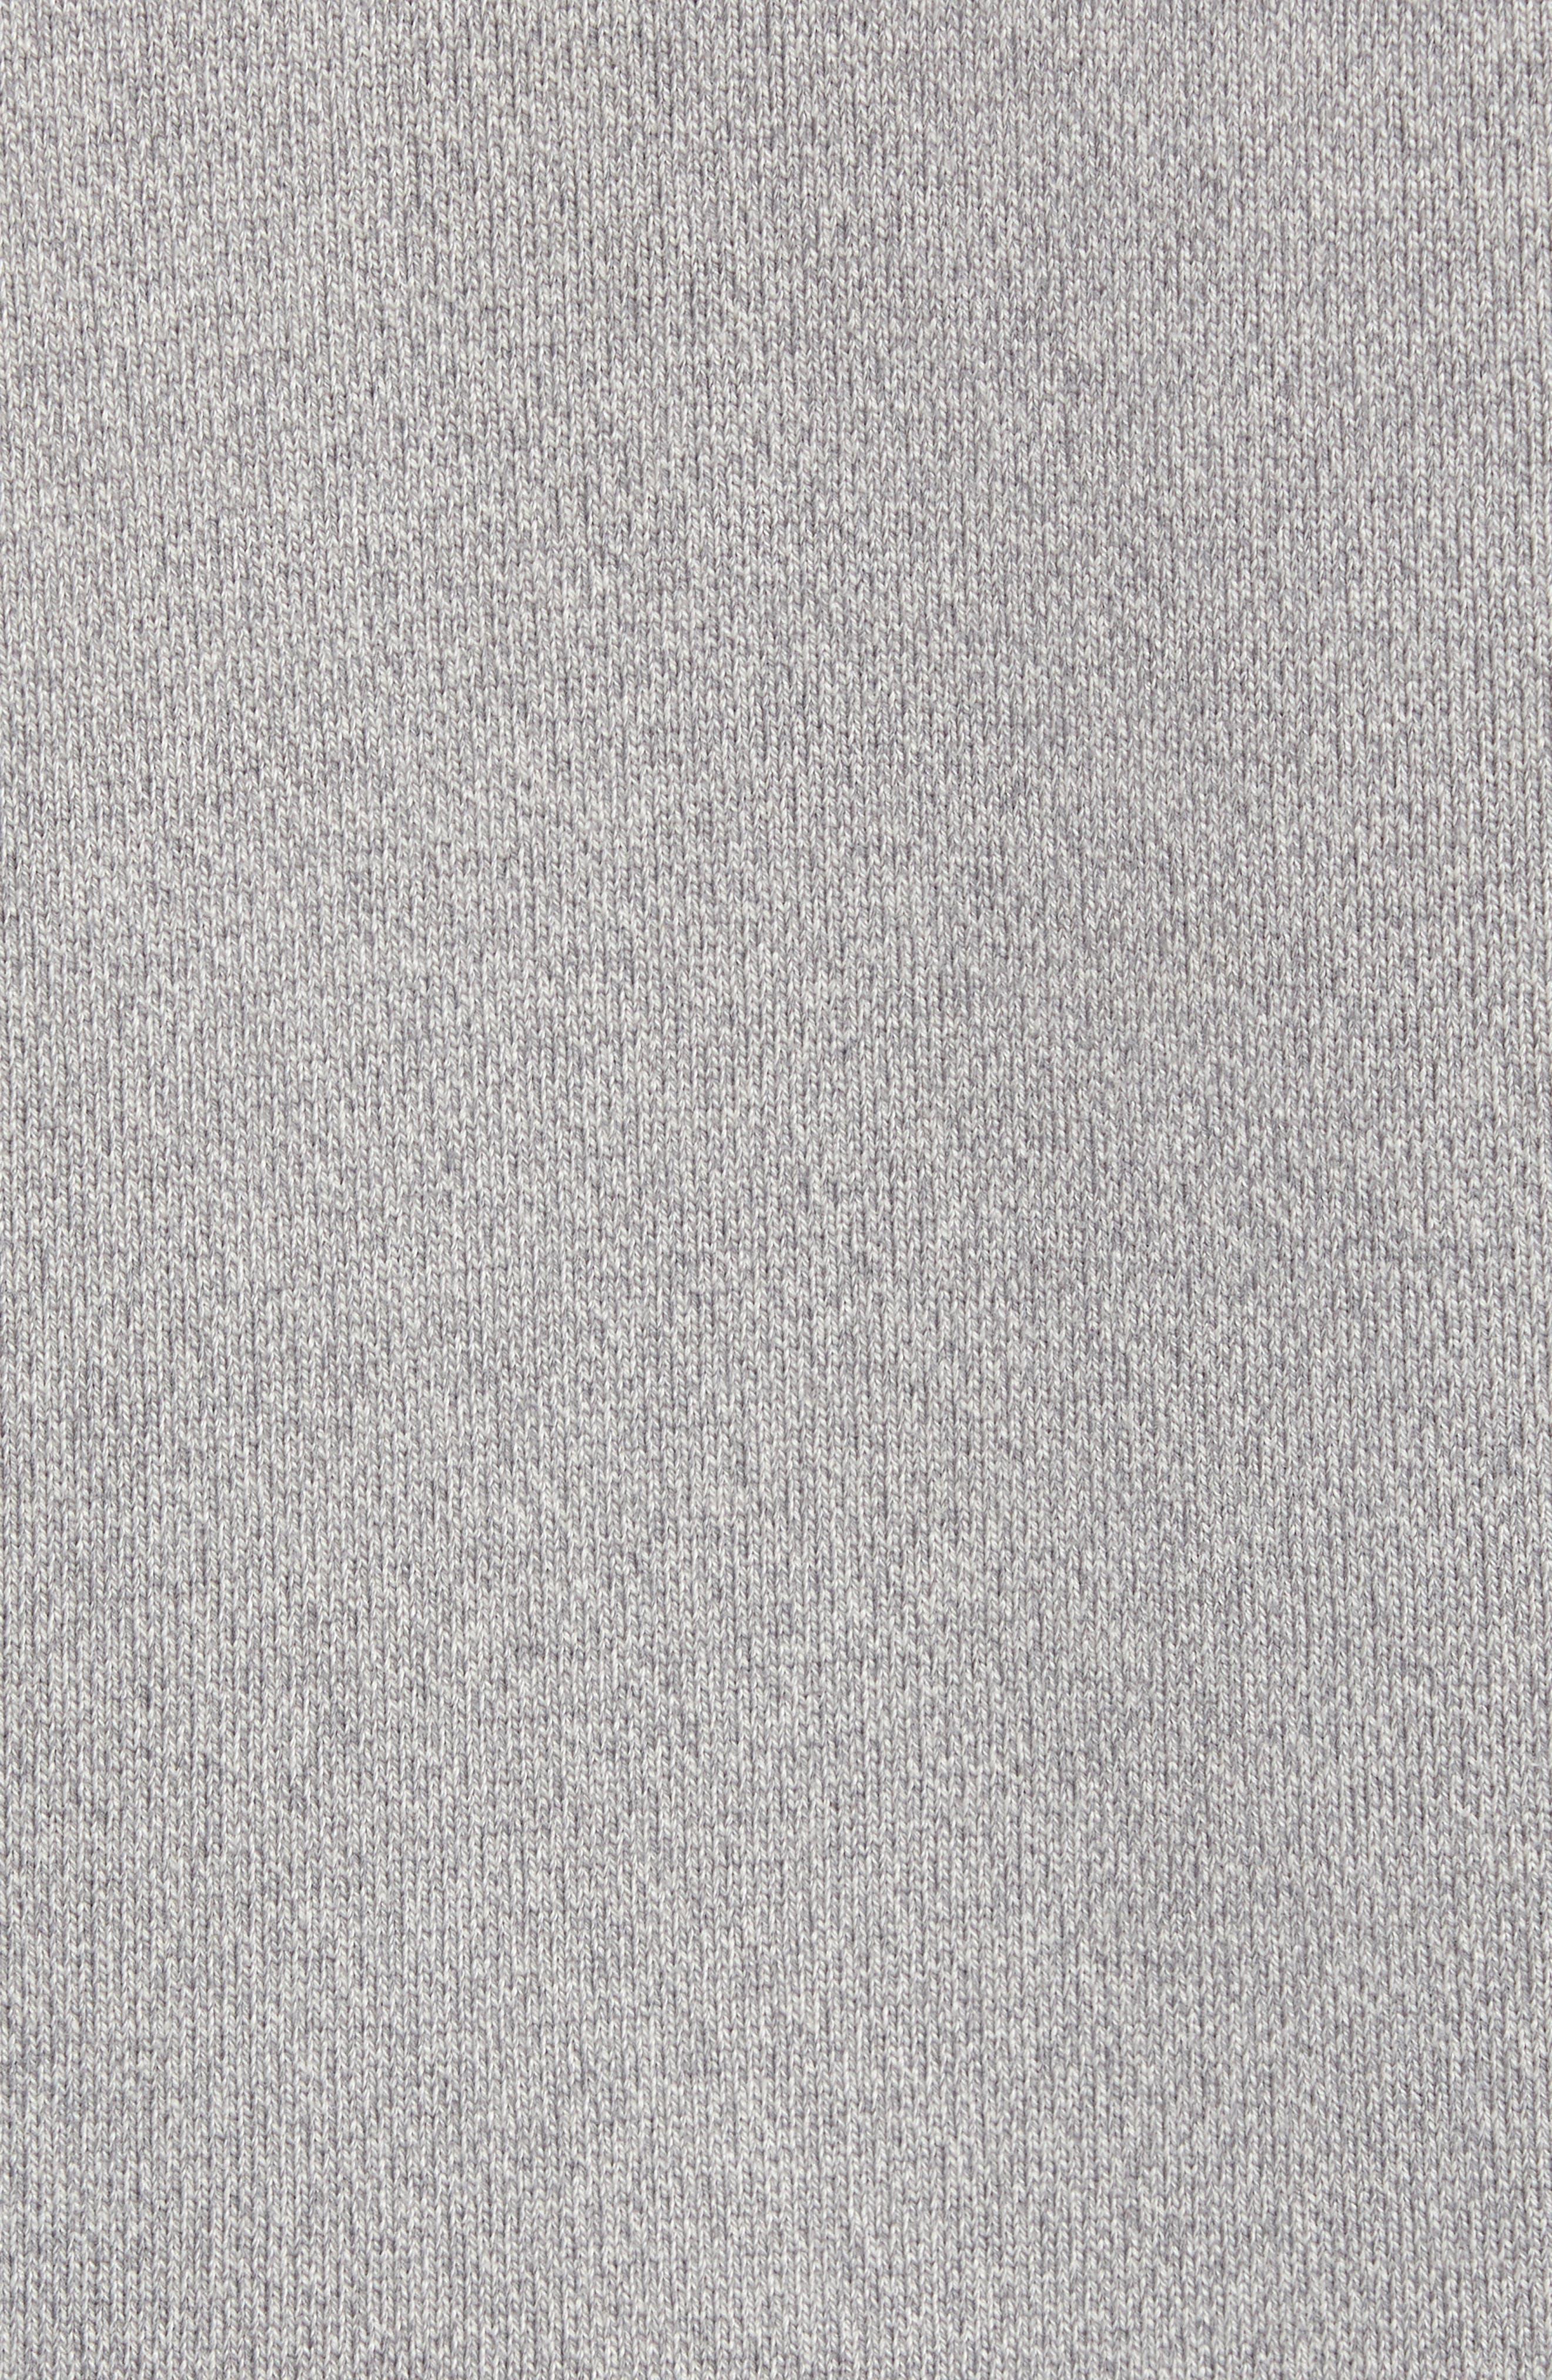 Levi's Knit Bomber Jacket,                             Alternate thumbnail 7, color,                             020